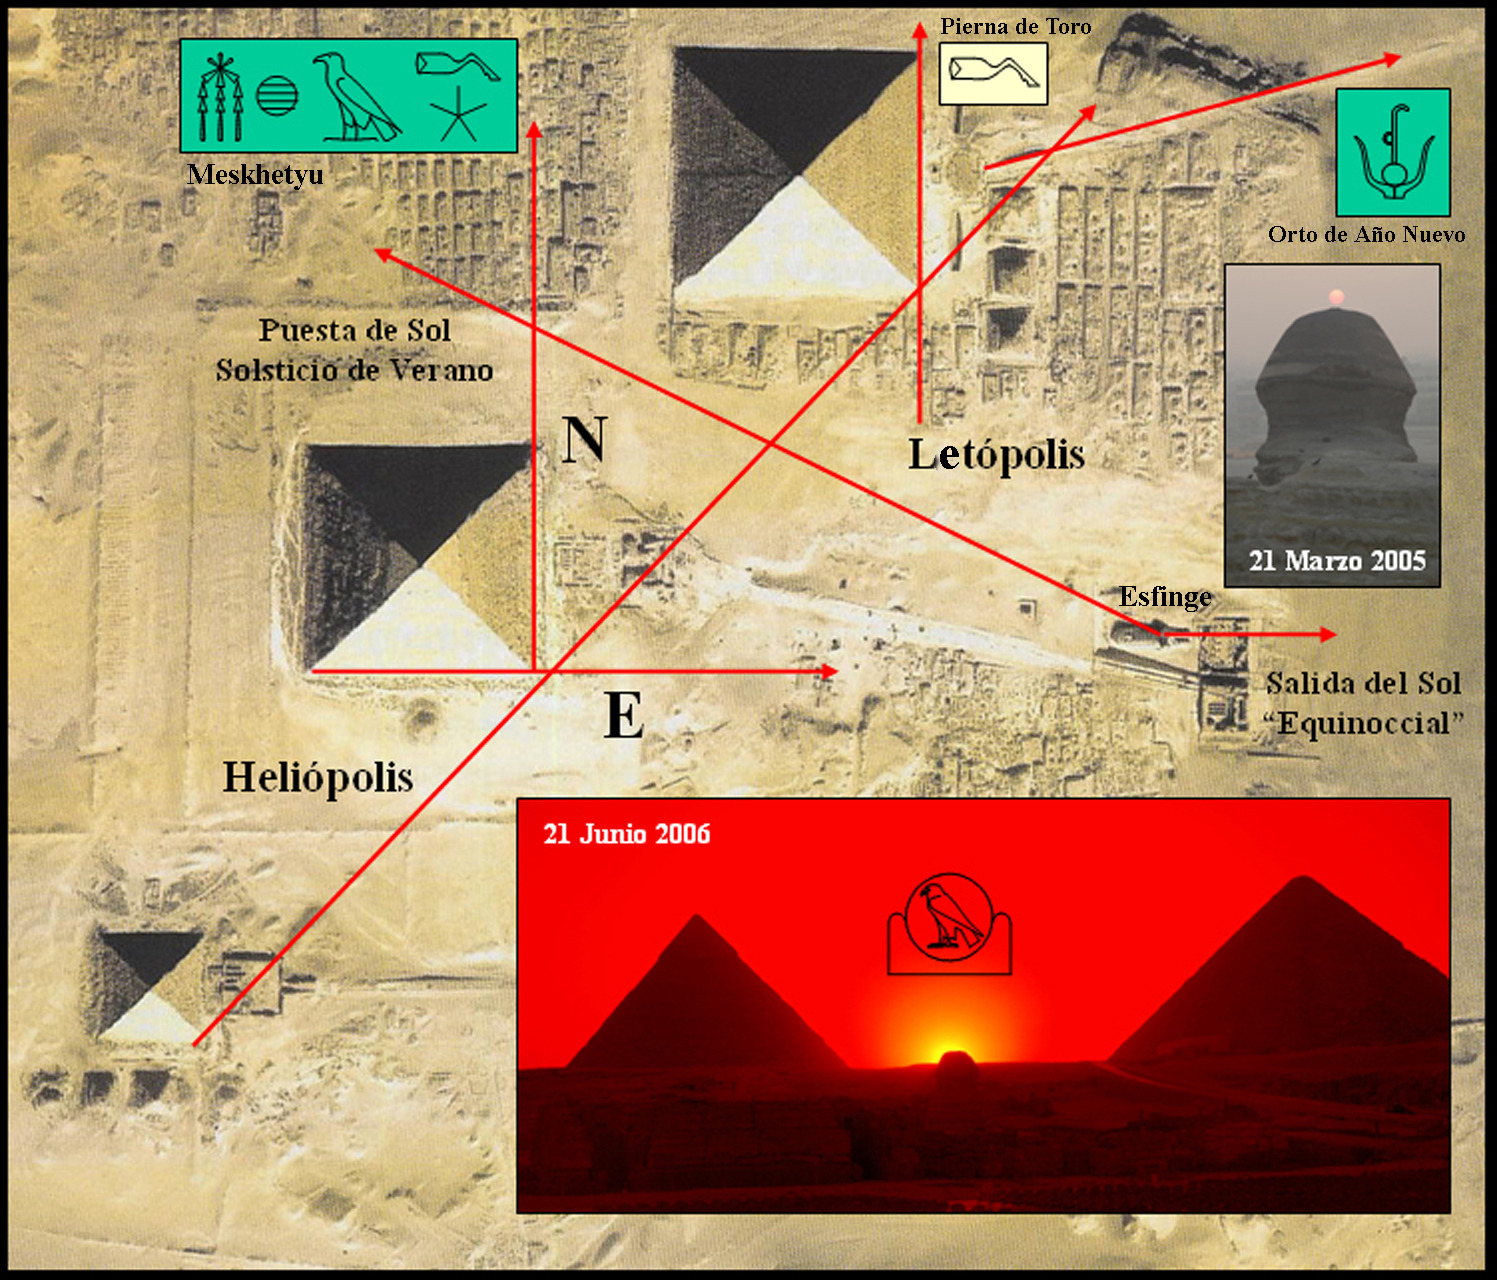 La tecnología de lo imposible, las pirámides de Egipto 46B